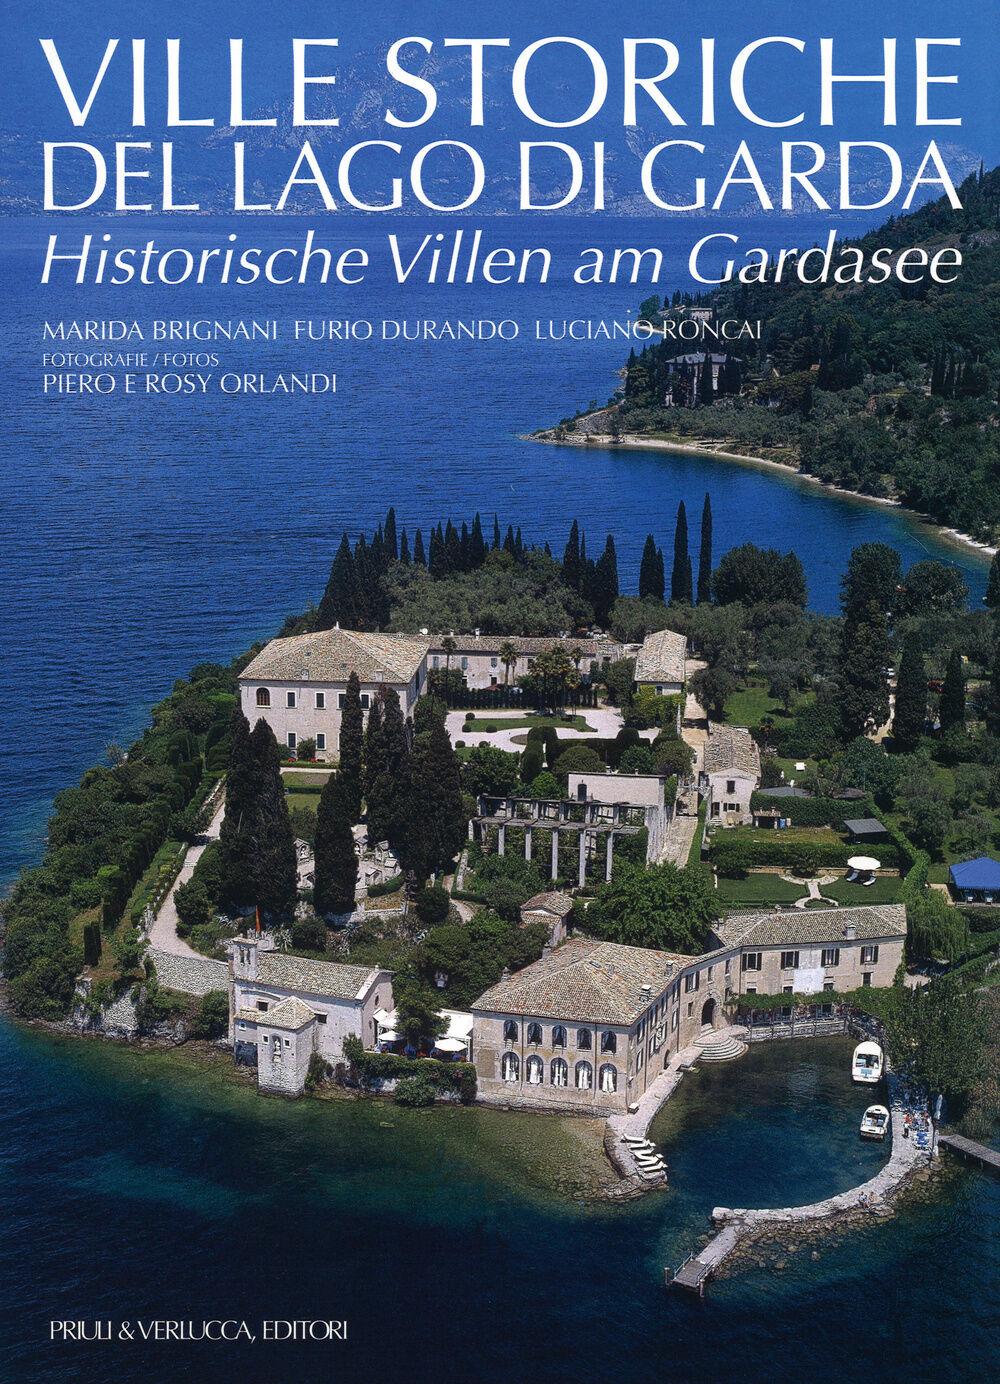 Ville storiche del lago di Garda-Historische Villen am Gardasee